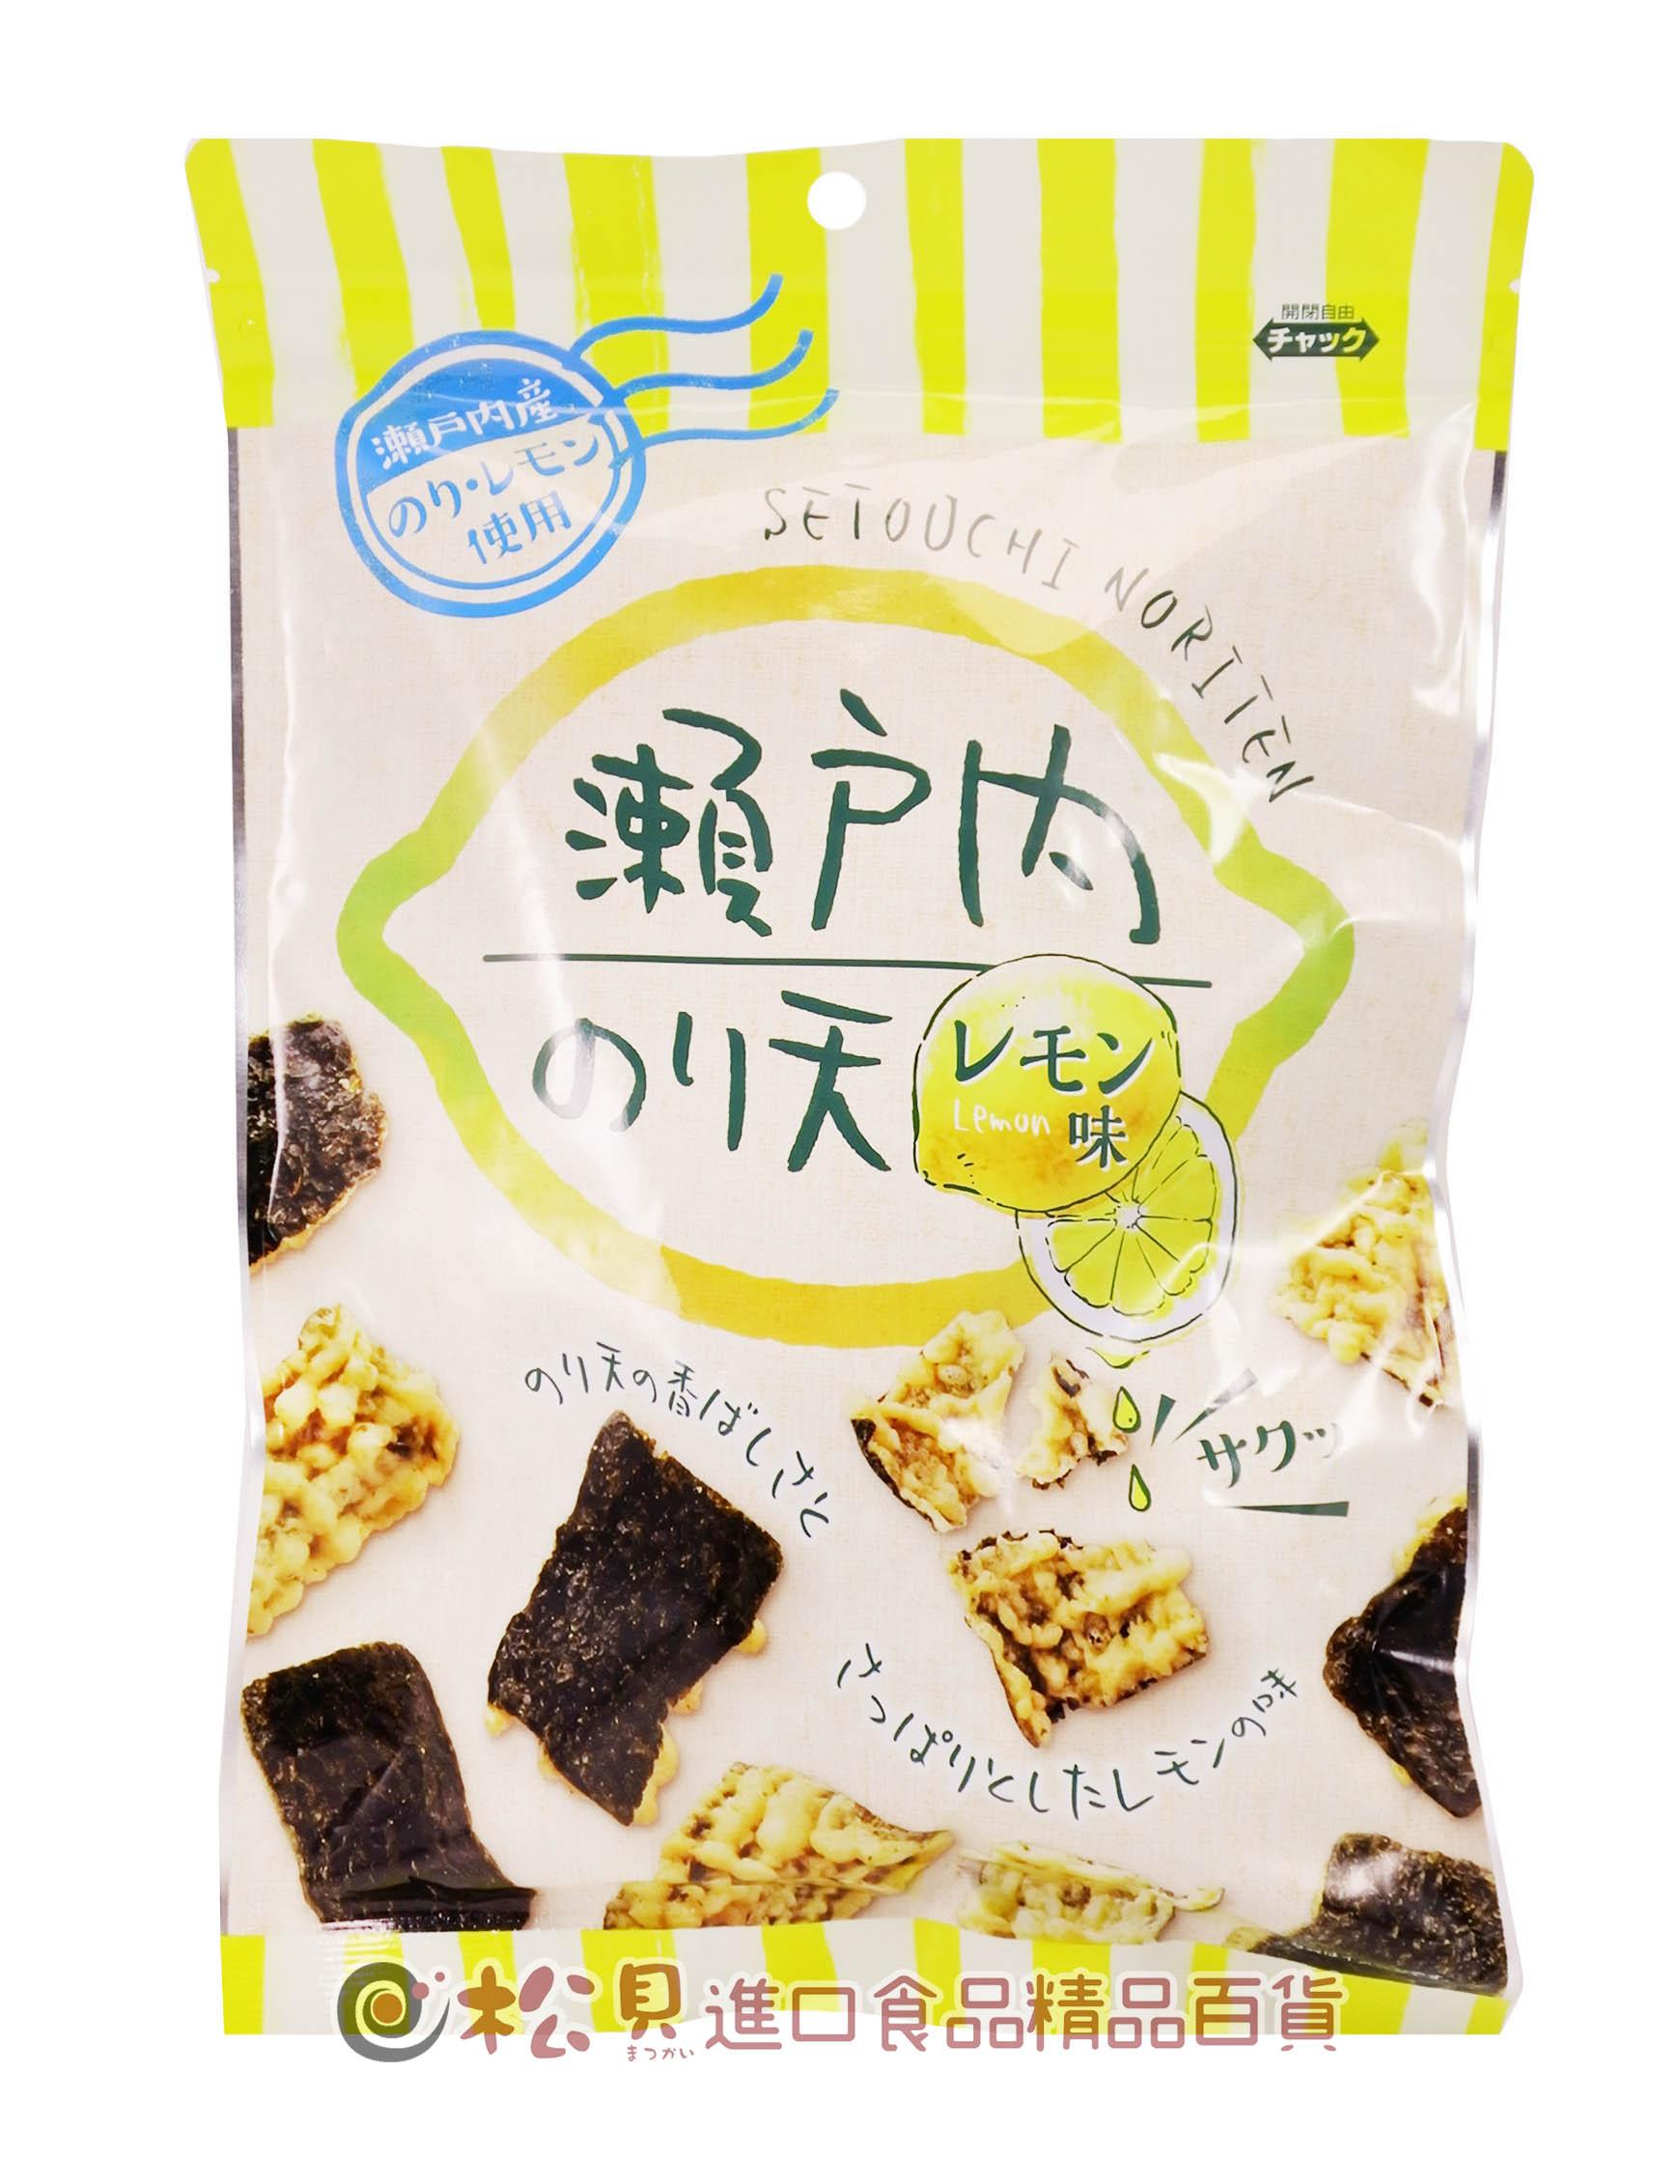 大口海苔天婦羅(檸檬)80g【4974689080003】.jpg